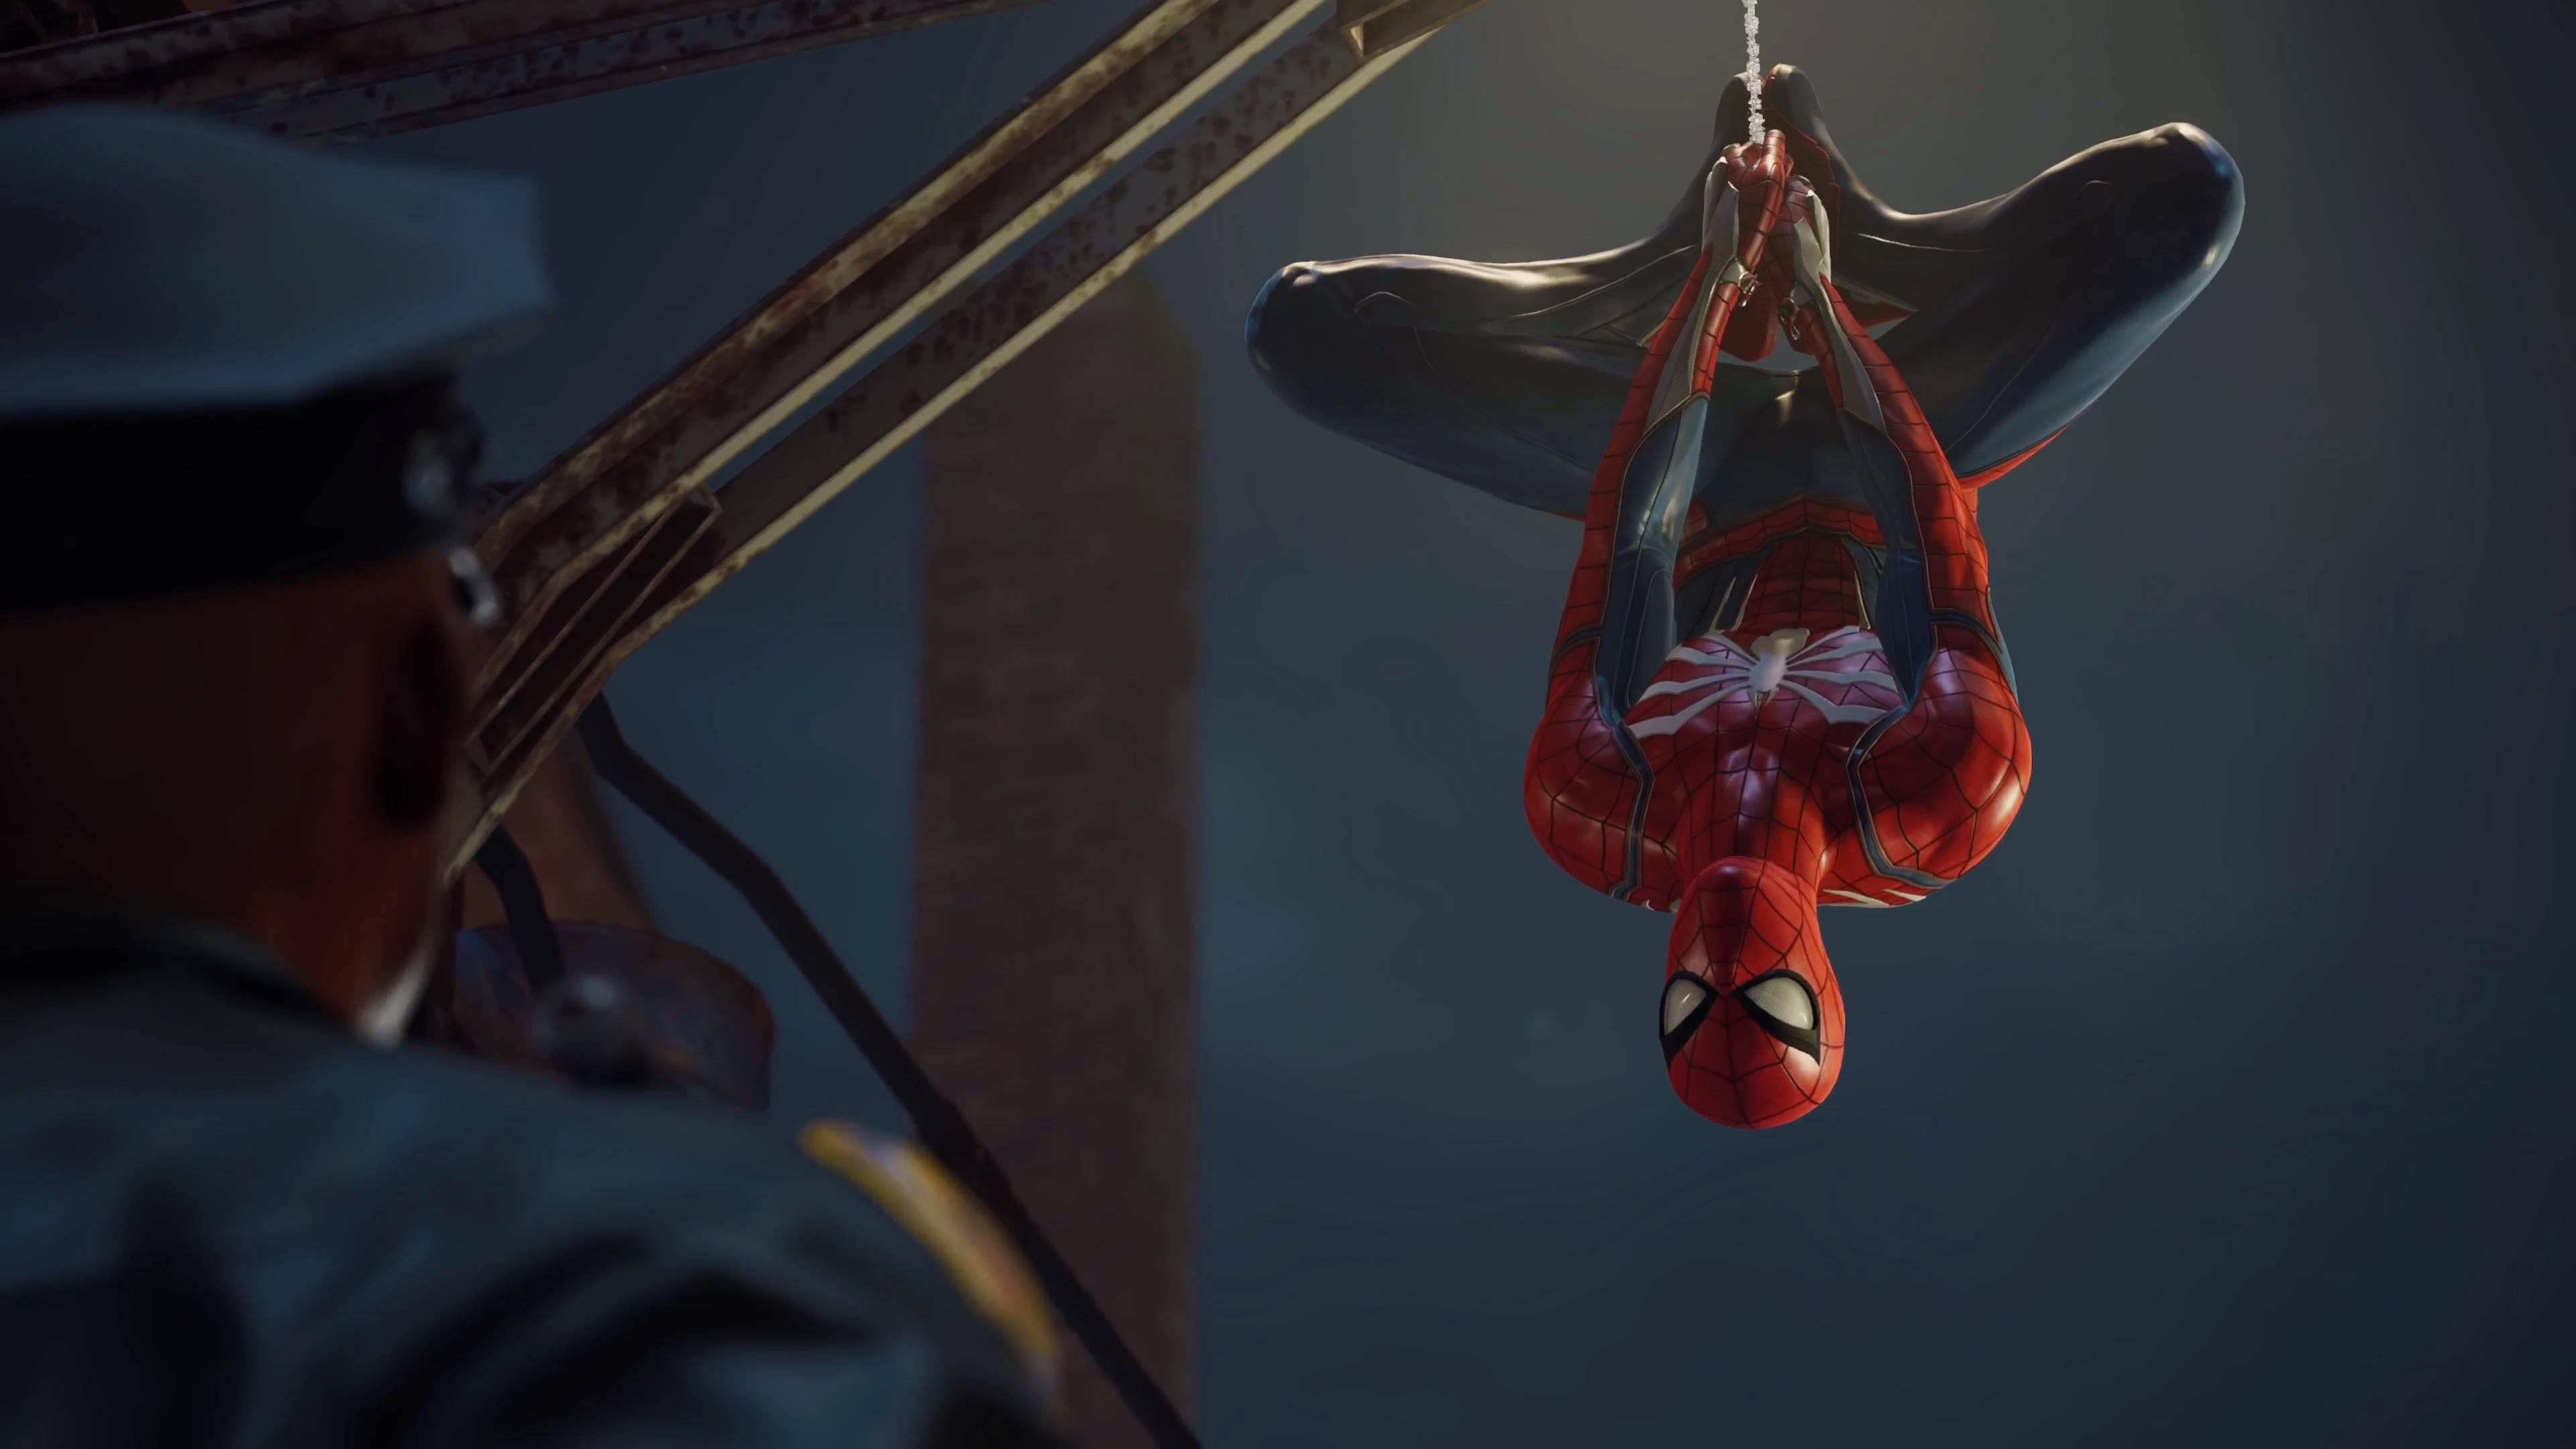 Spider Man PS4 2018 4k Wallpaper